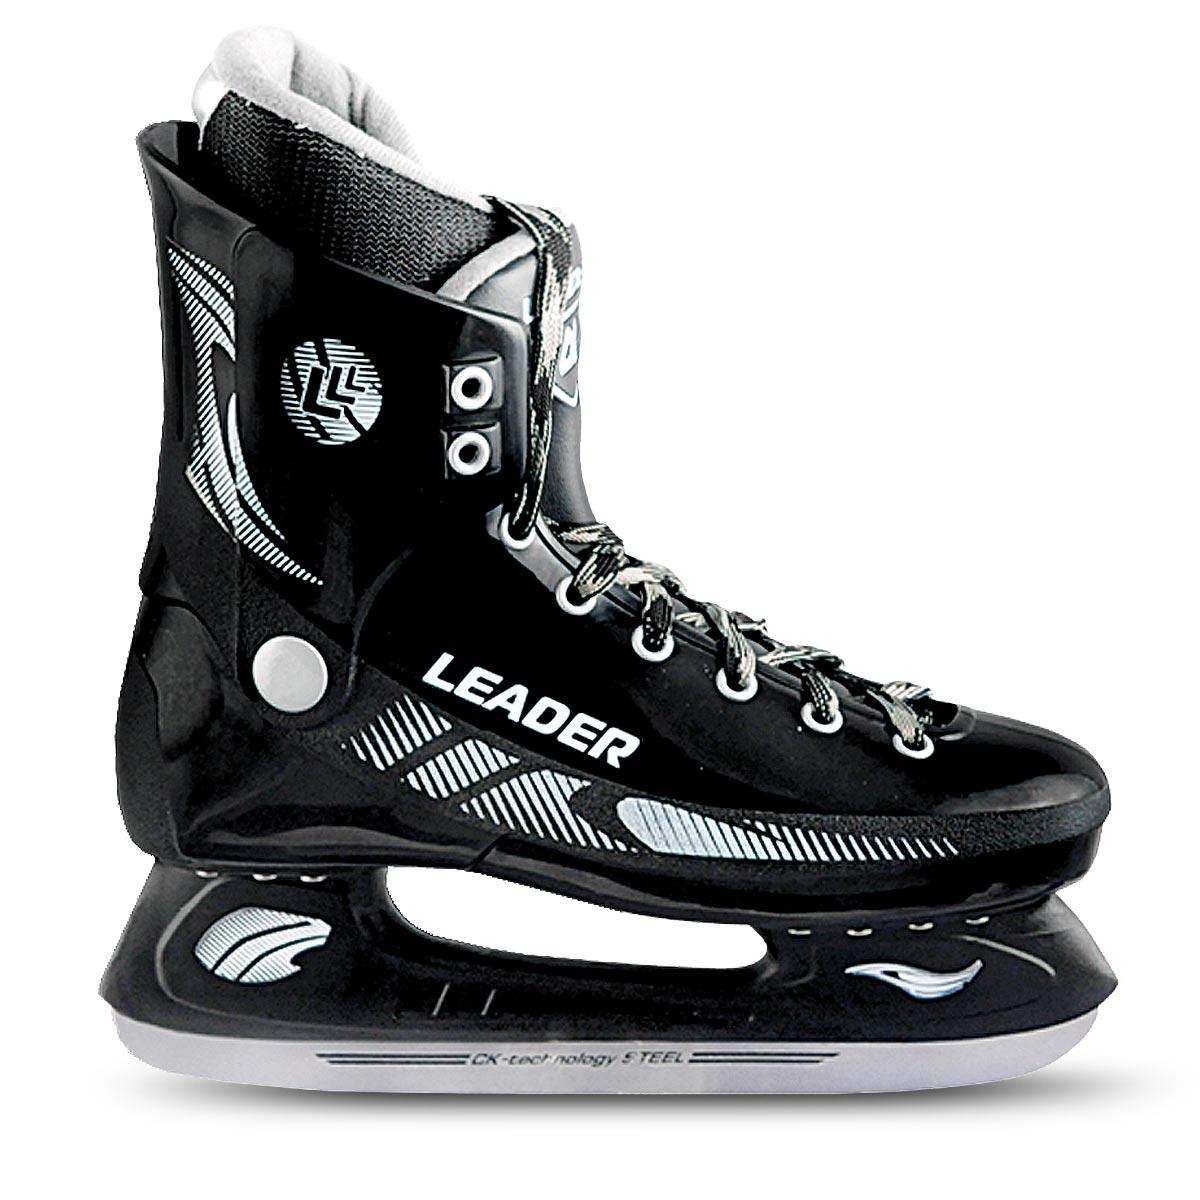 Коньки хоккейные для мальчика Leader